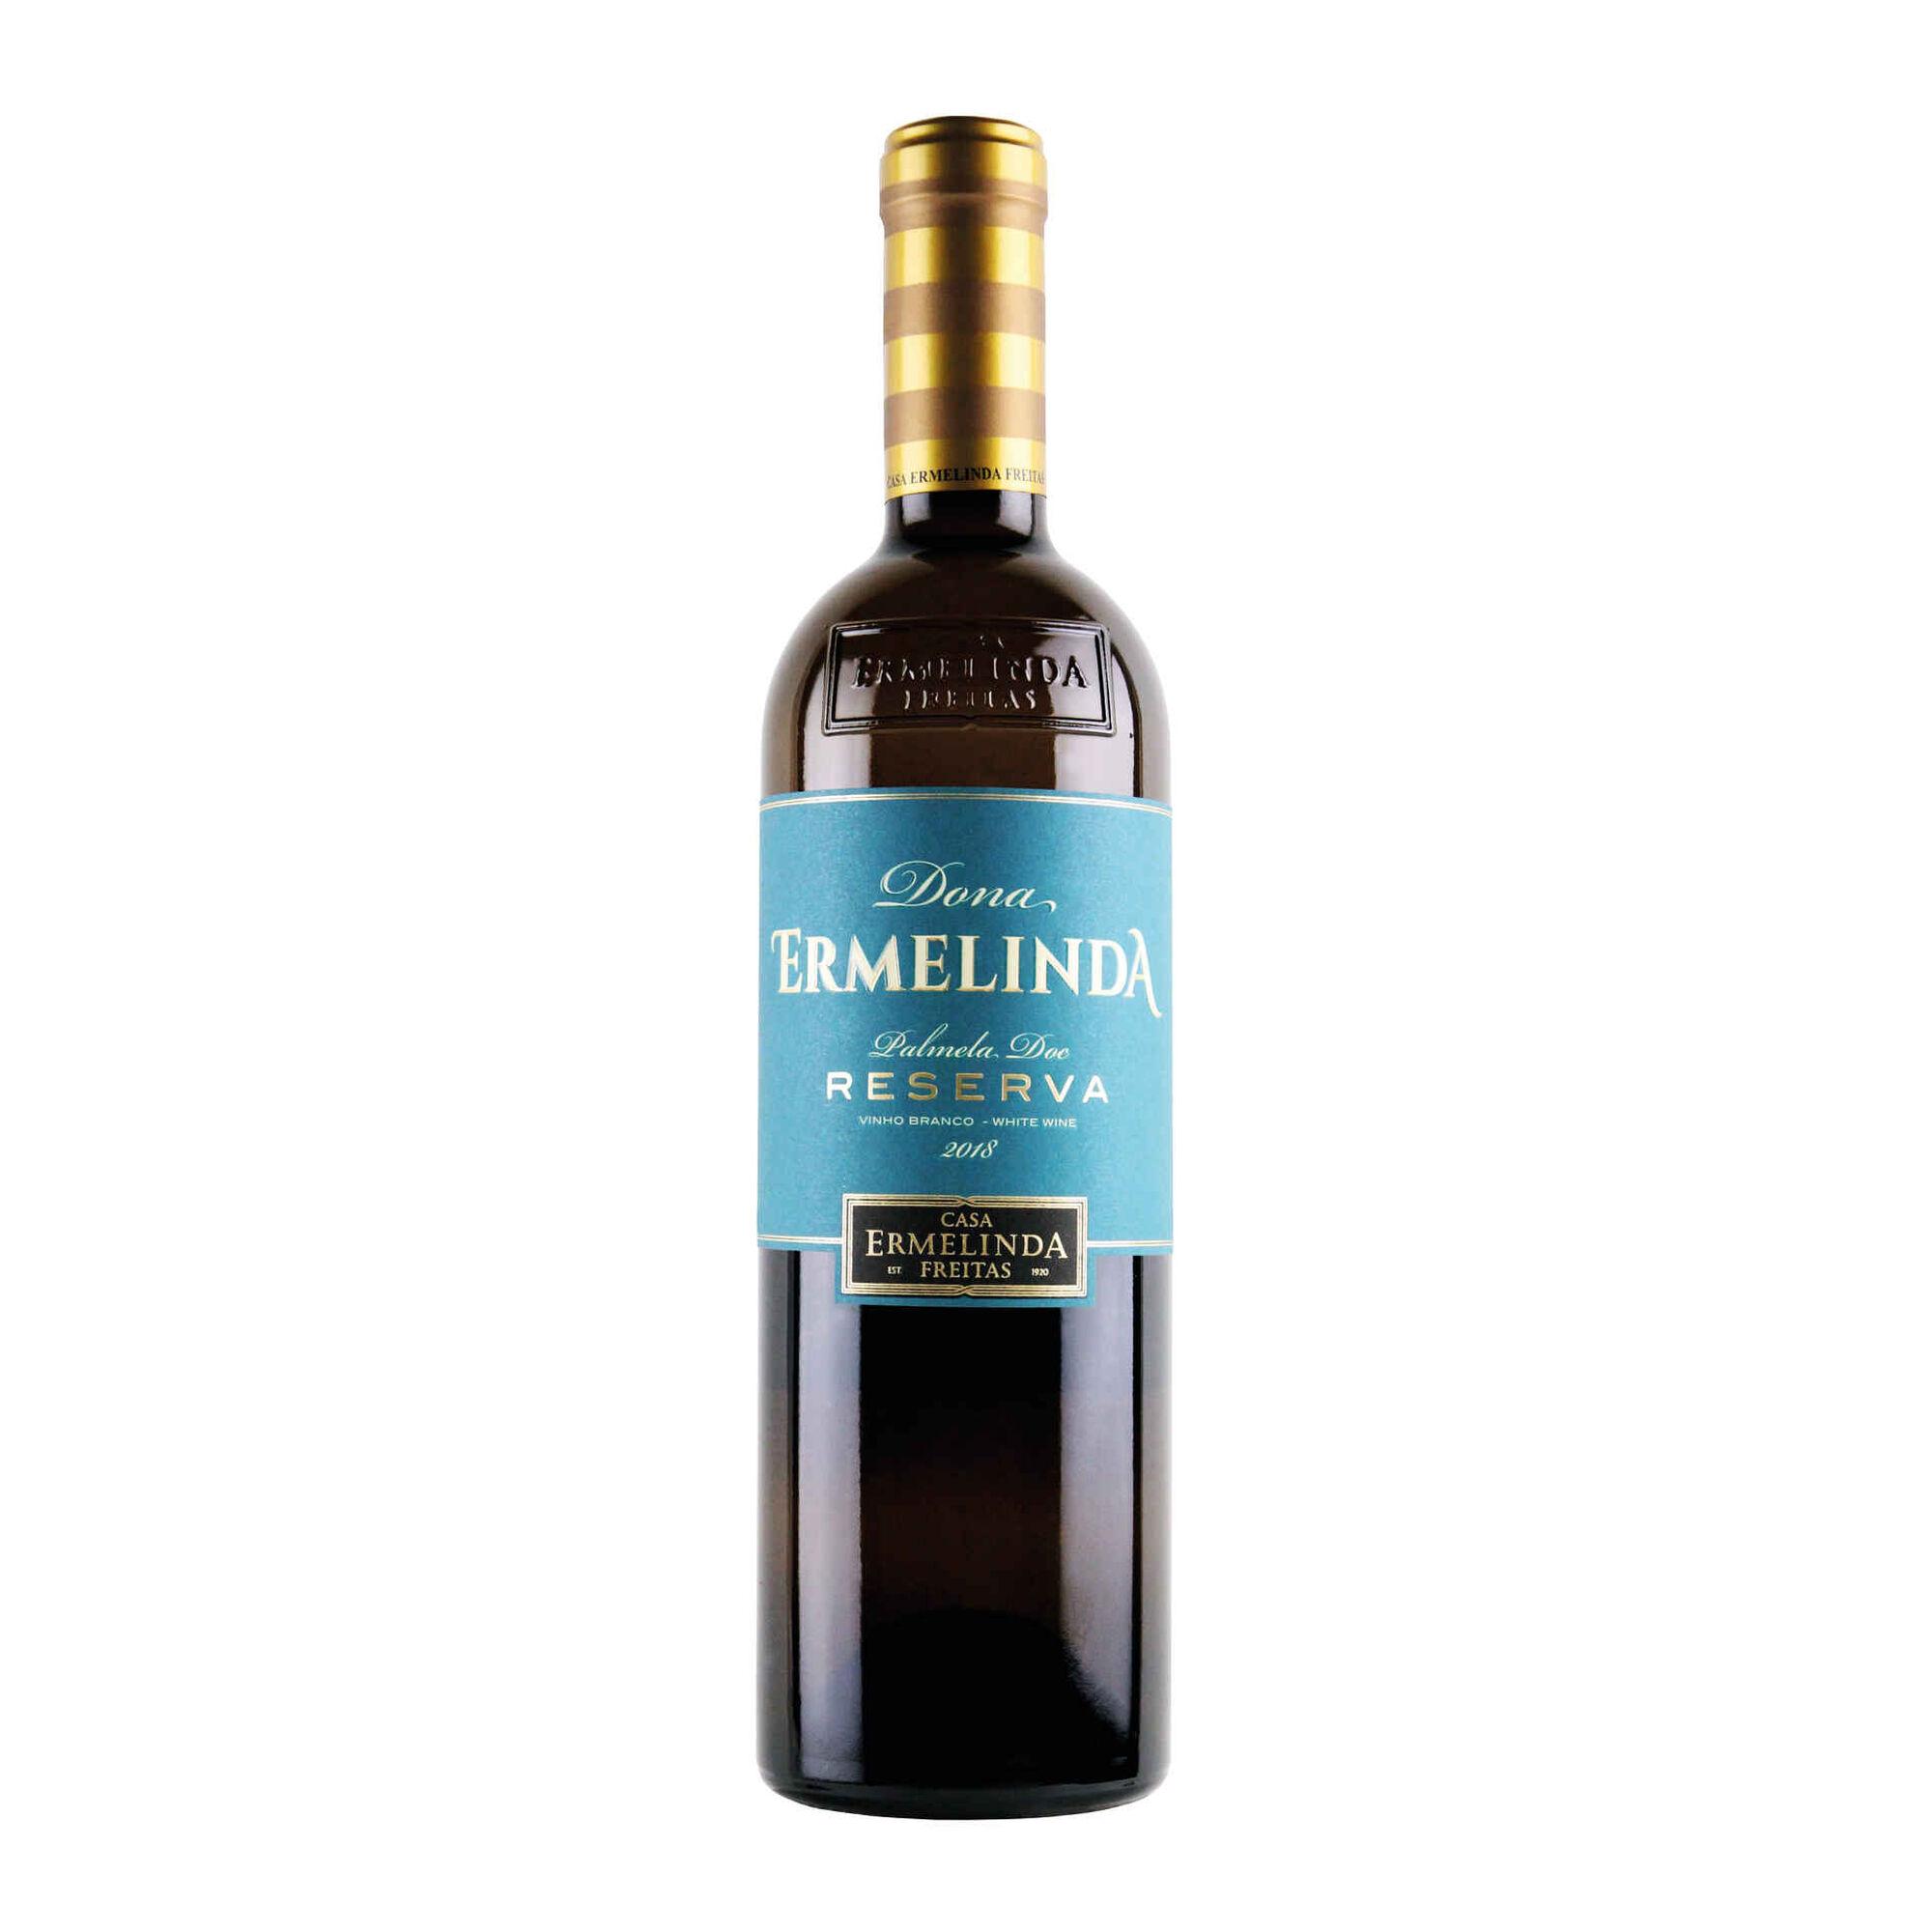 Dona Ermelinda Reserva DOC Palmela Vinho Branco